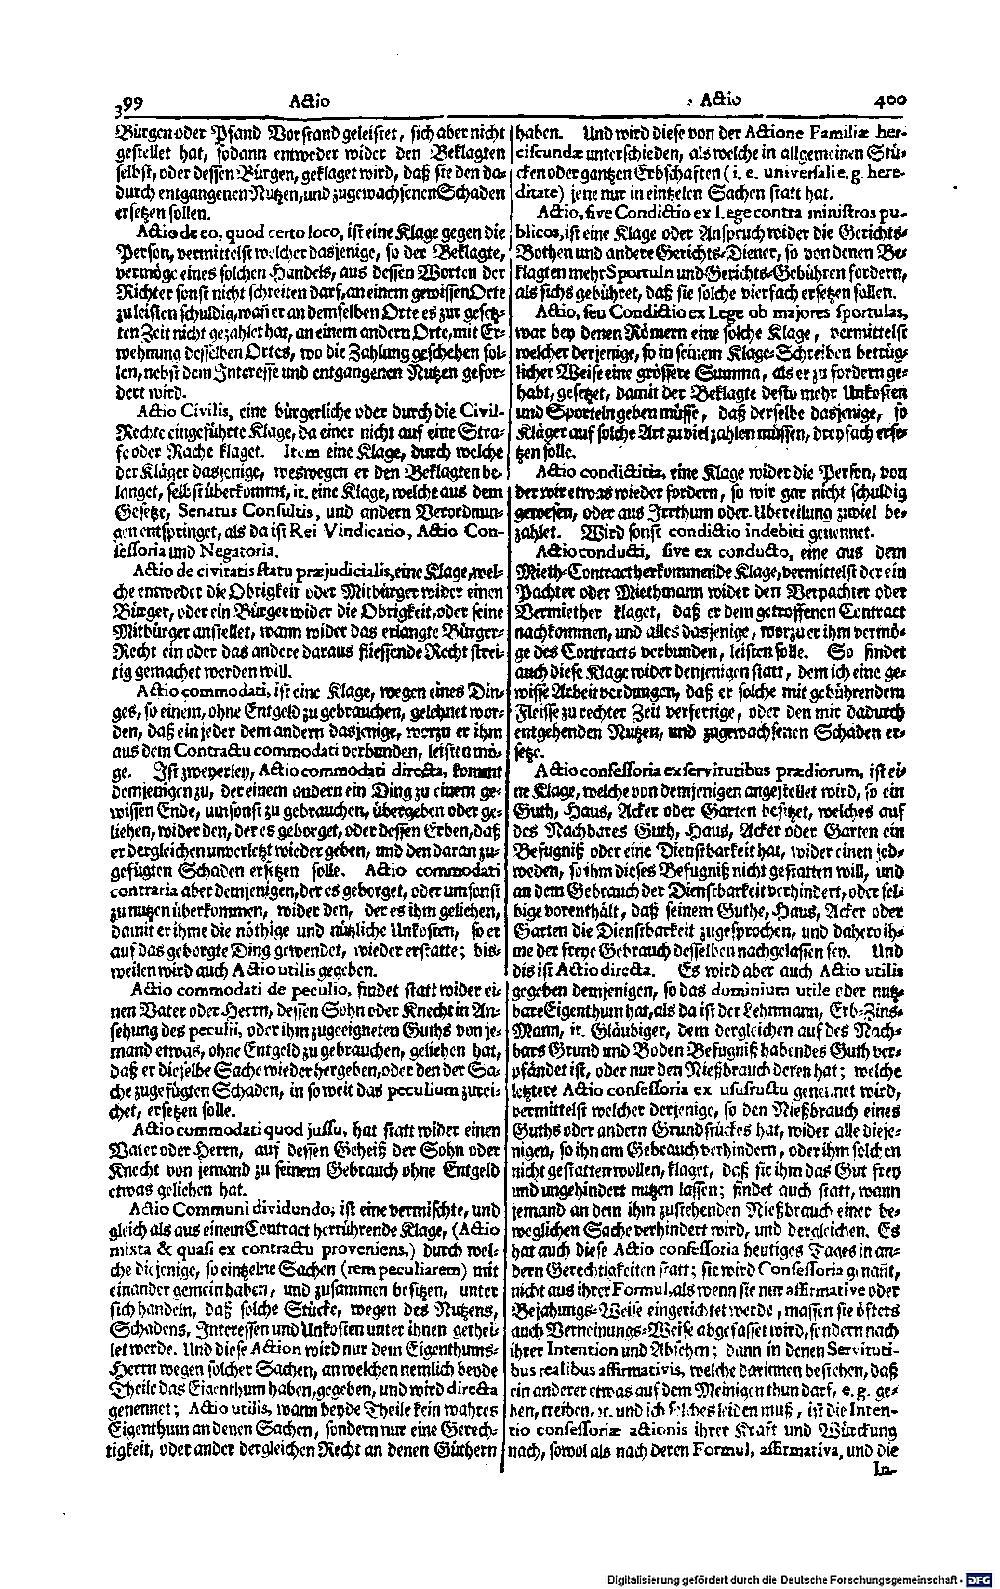 Bd. 01, Seite 0239.